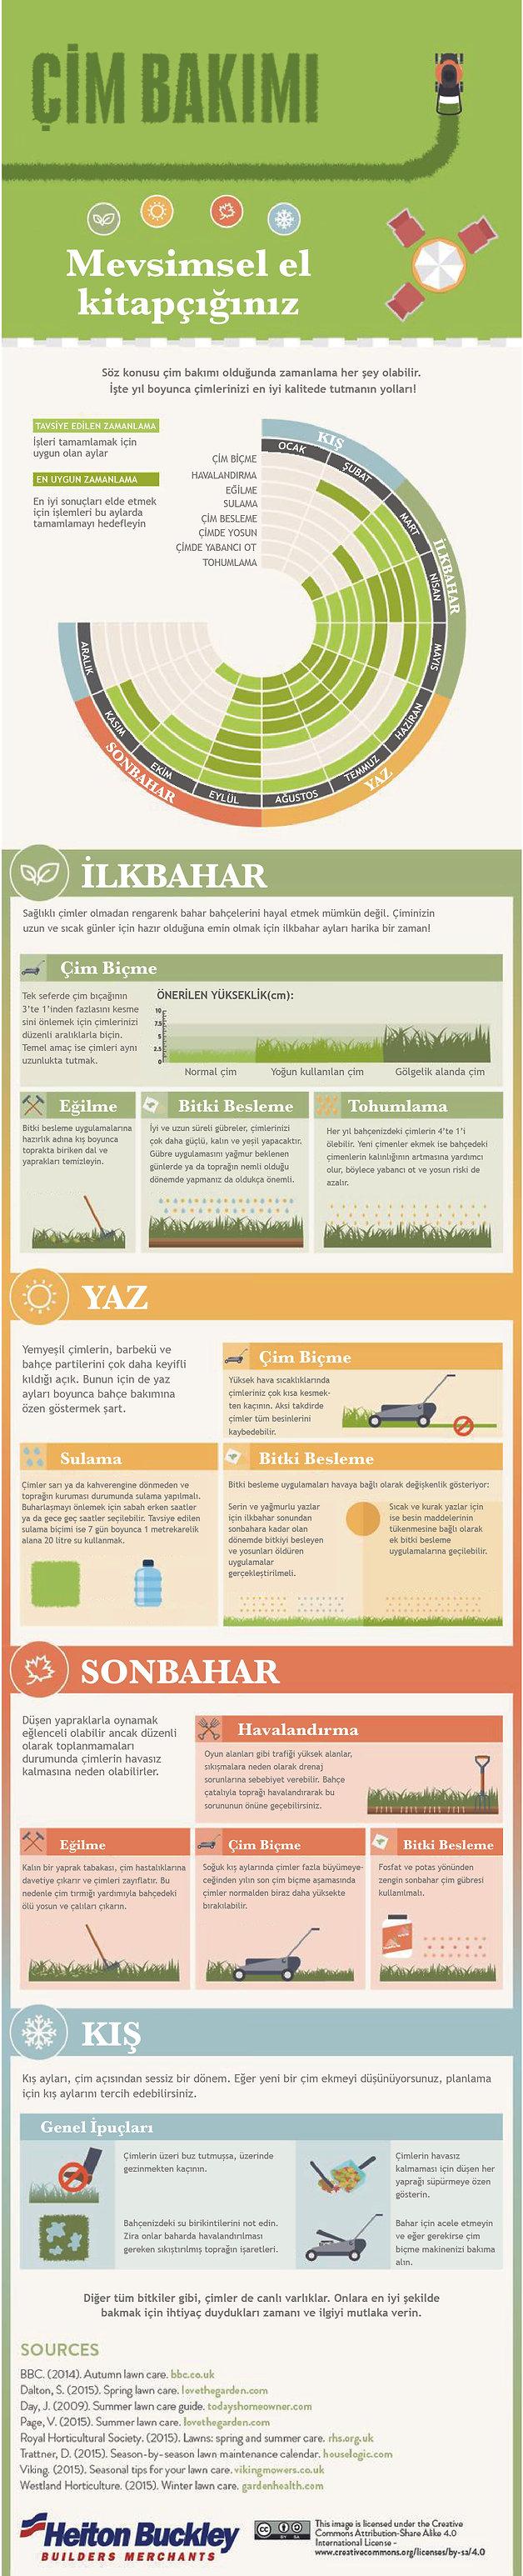 çim-bakımı-hobitar_infografik17.jpg